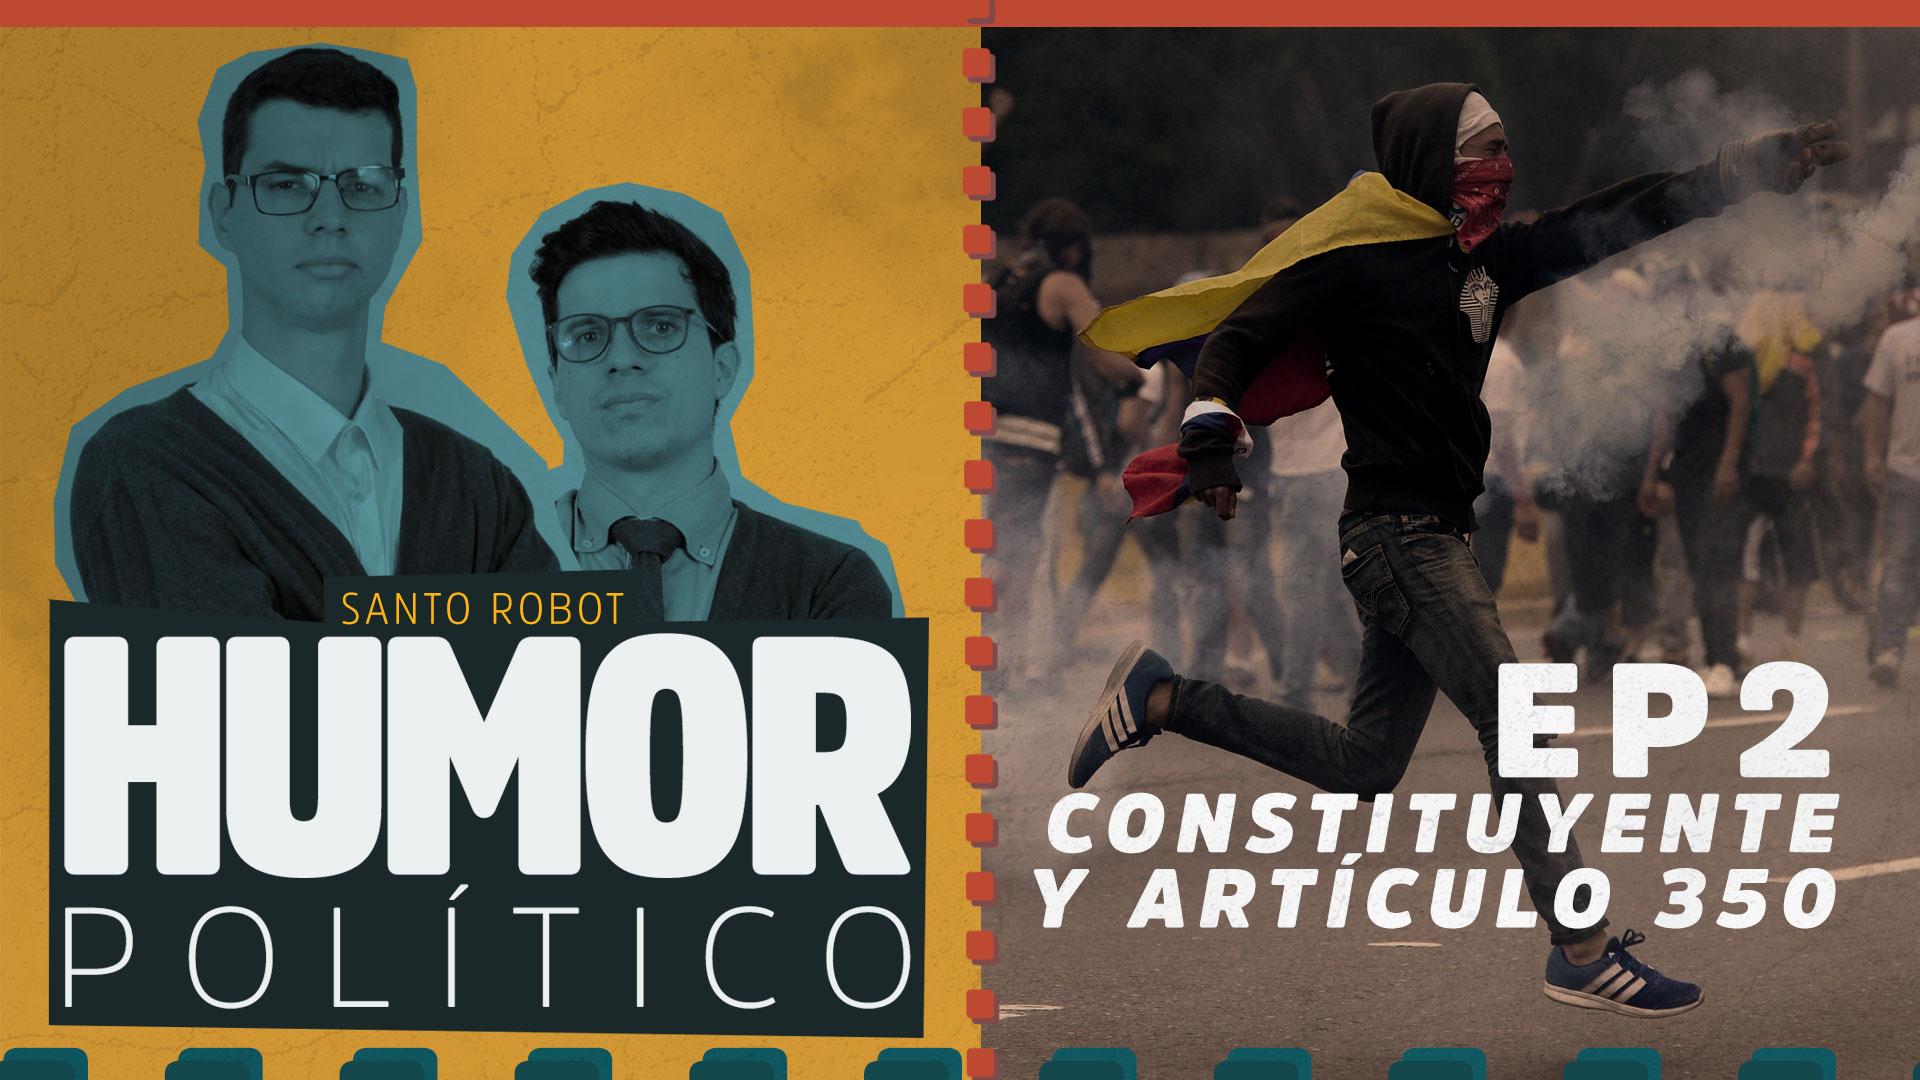 Humor Político - Constituyente y Artículo 350